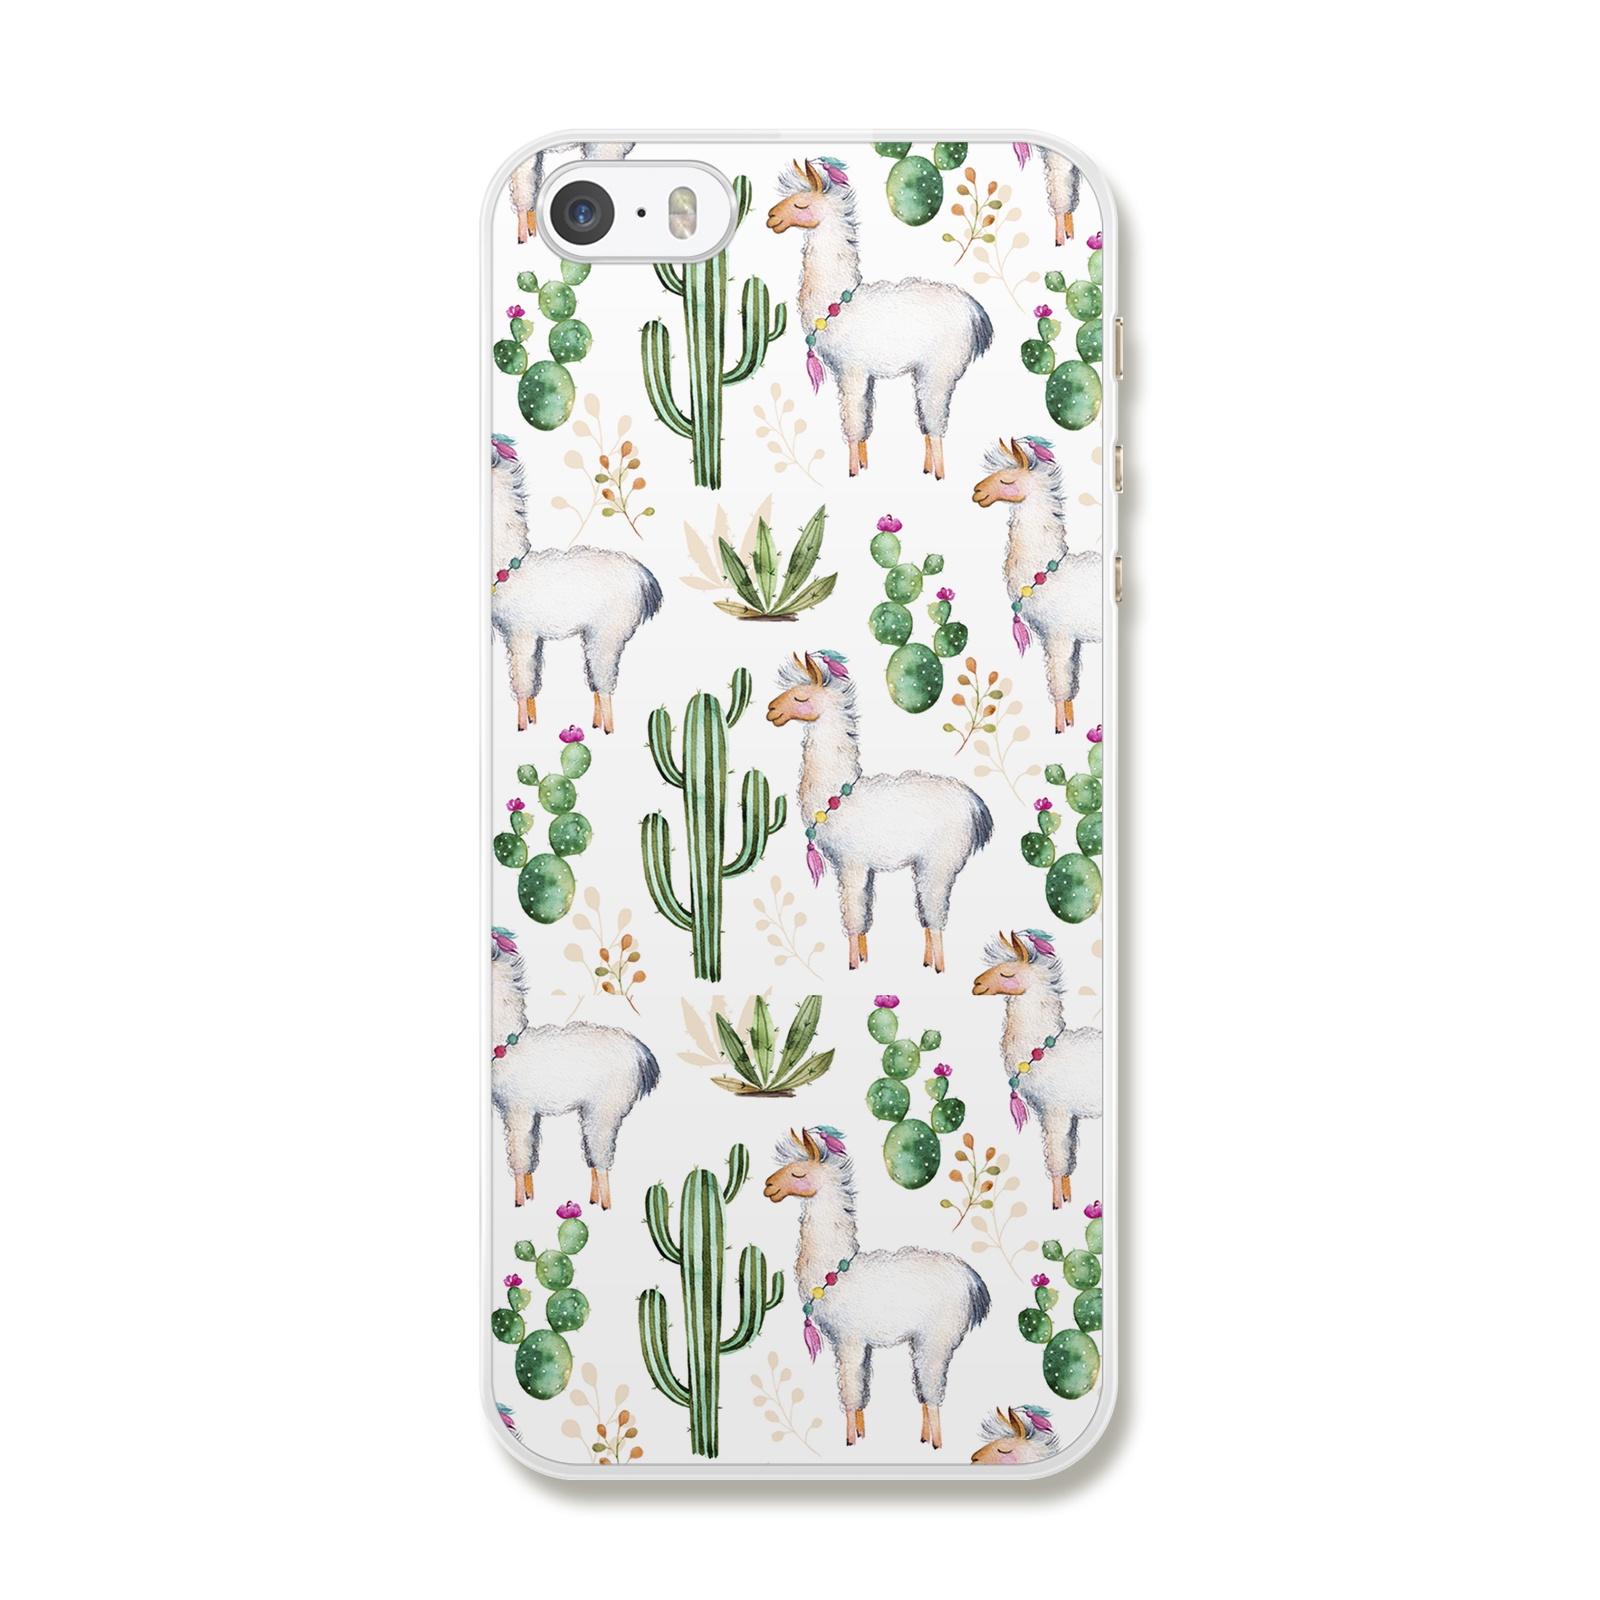 """Чехол для сотового телефона Дайте две! """"Лама"""" для iPhone 5/5S/SE, IP5.CASE-9, разноцветный"""